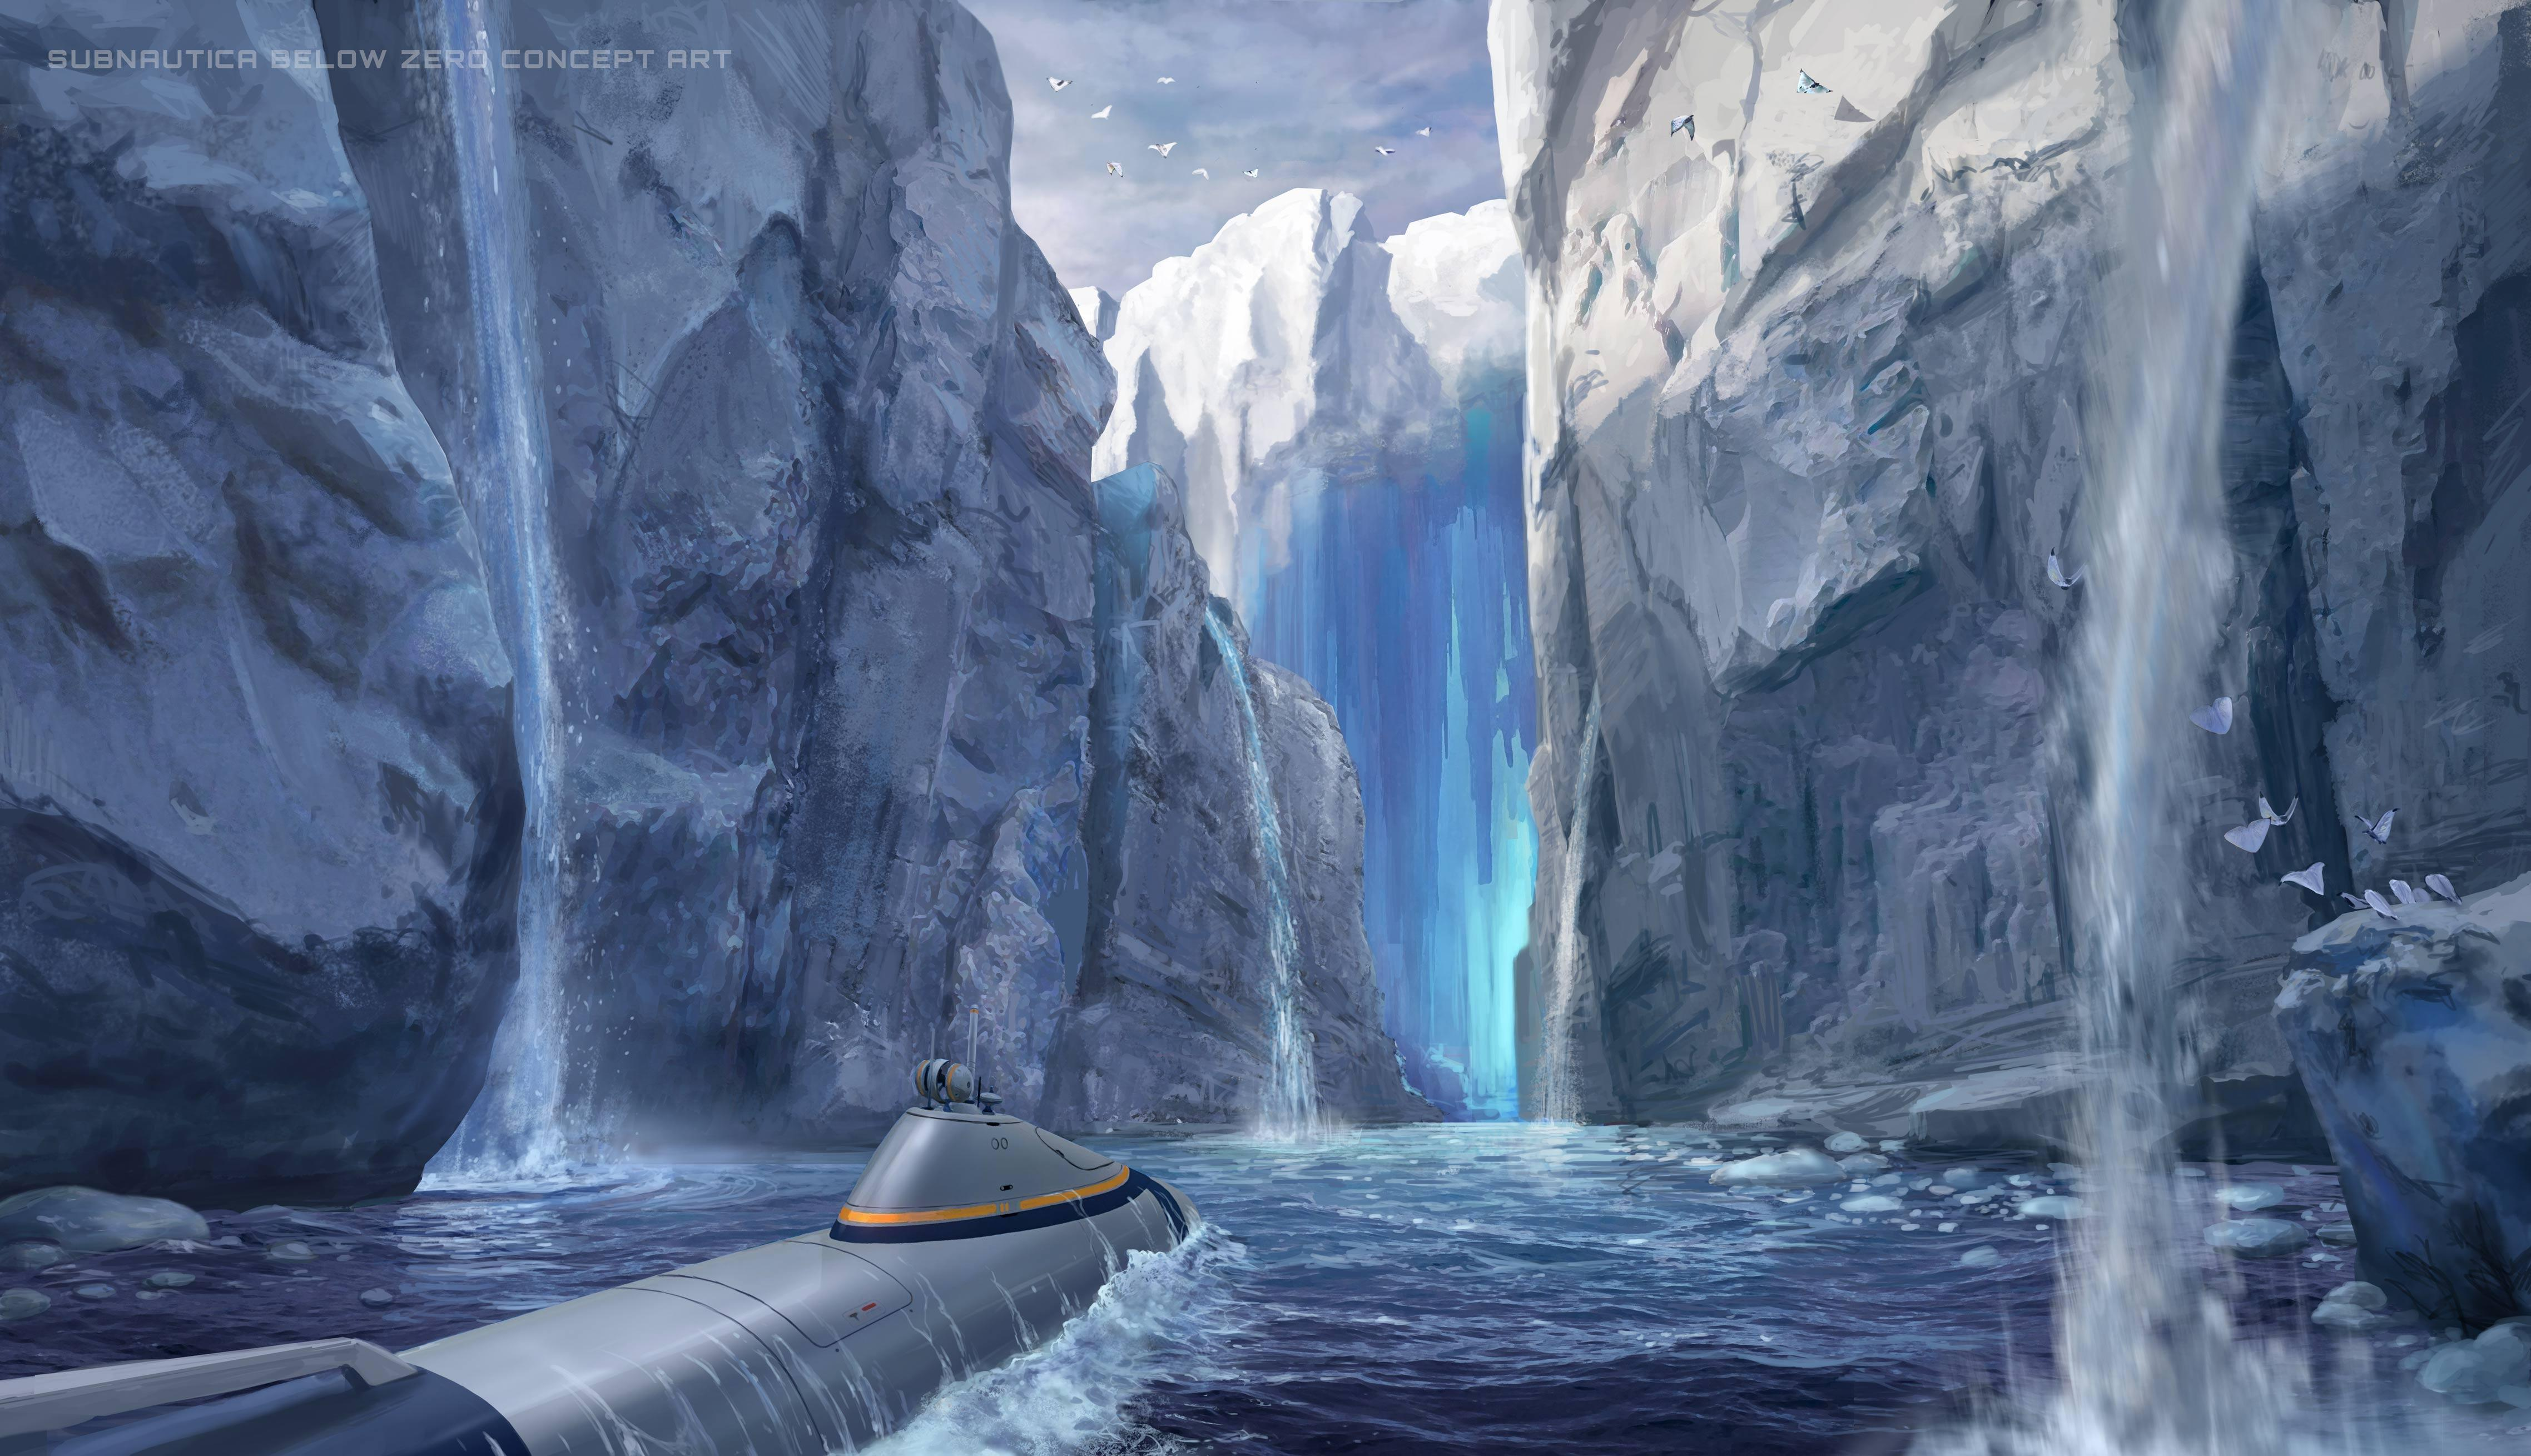 subnautica below zero background wallpaper 74365